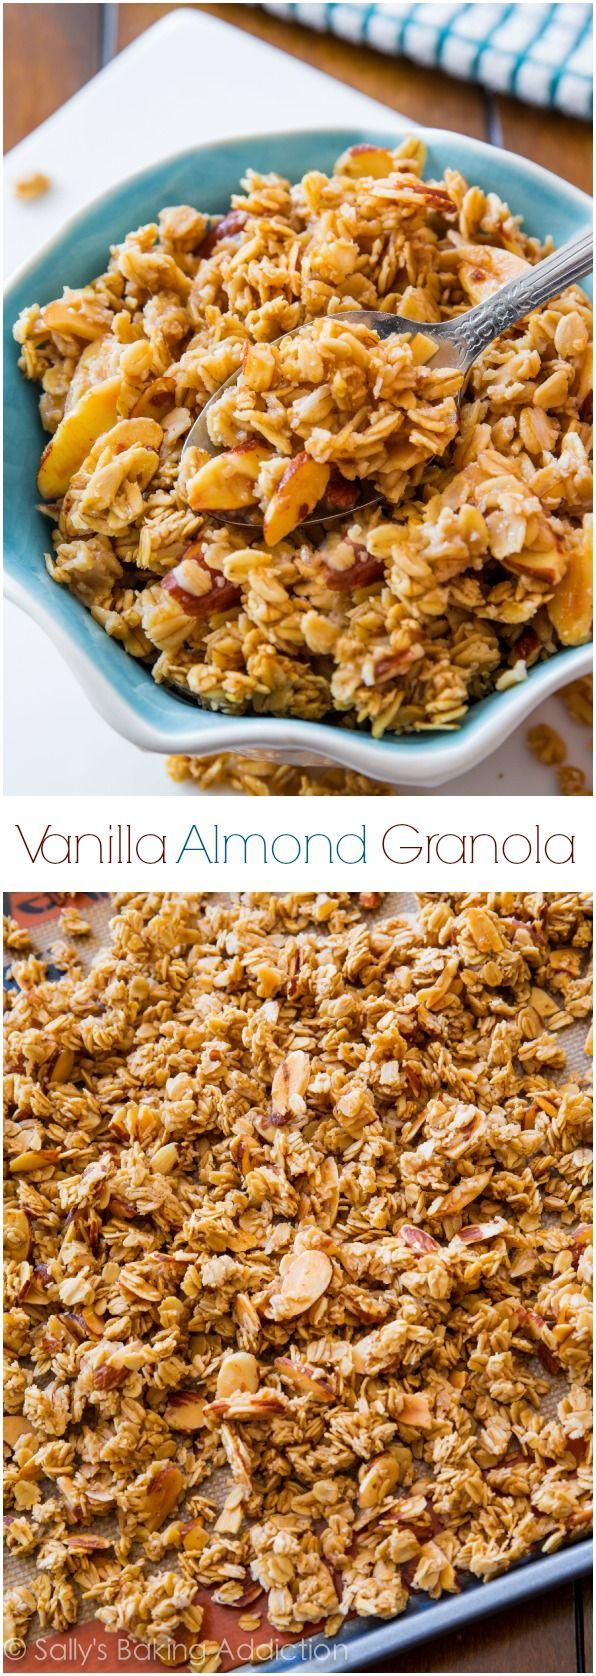 Vanilla Almond Granola. - Sallys Baking Addiction